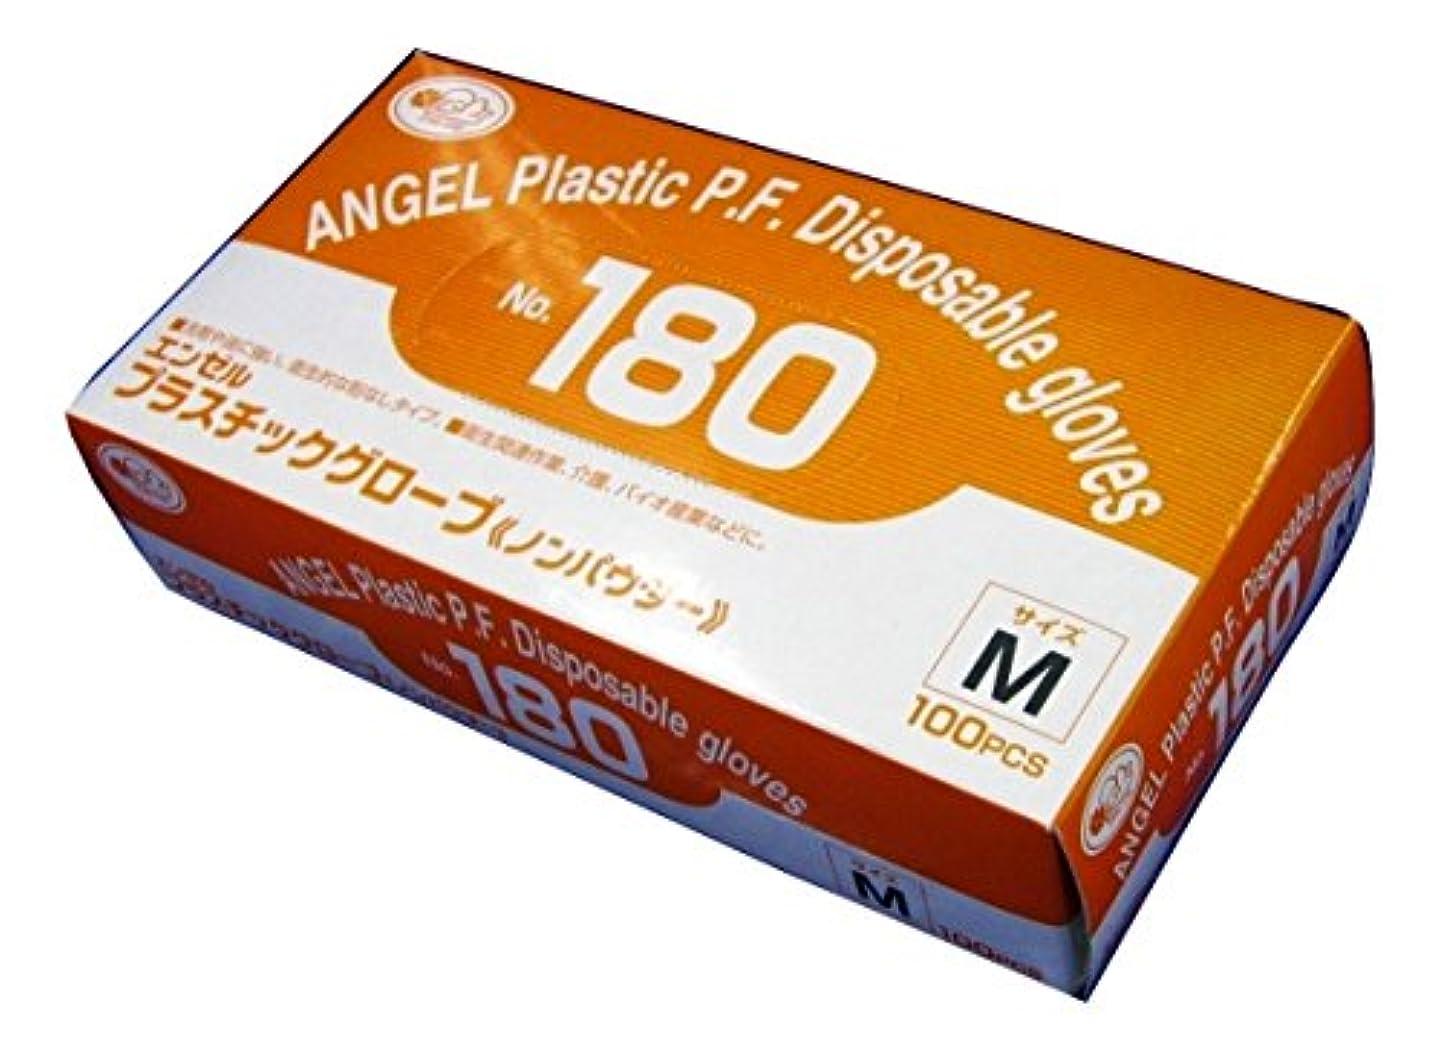 独特のタックル完璧サンフラワー No.180 プラスチックグローブ ノンパウダー 100枚入り (M)